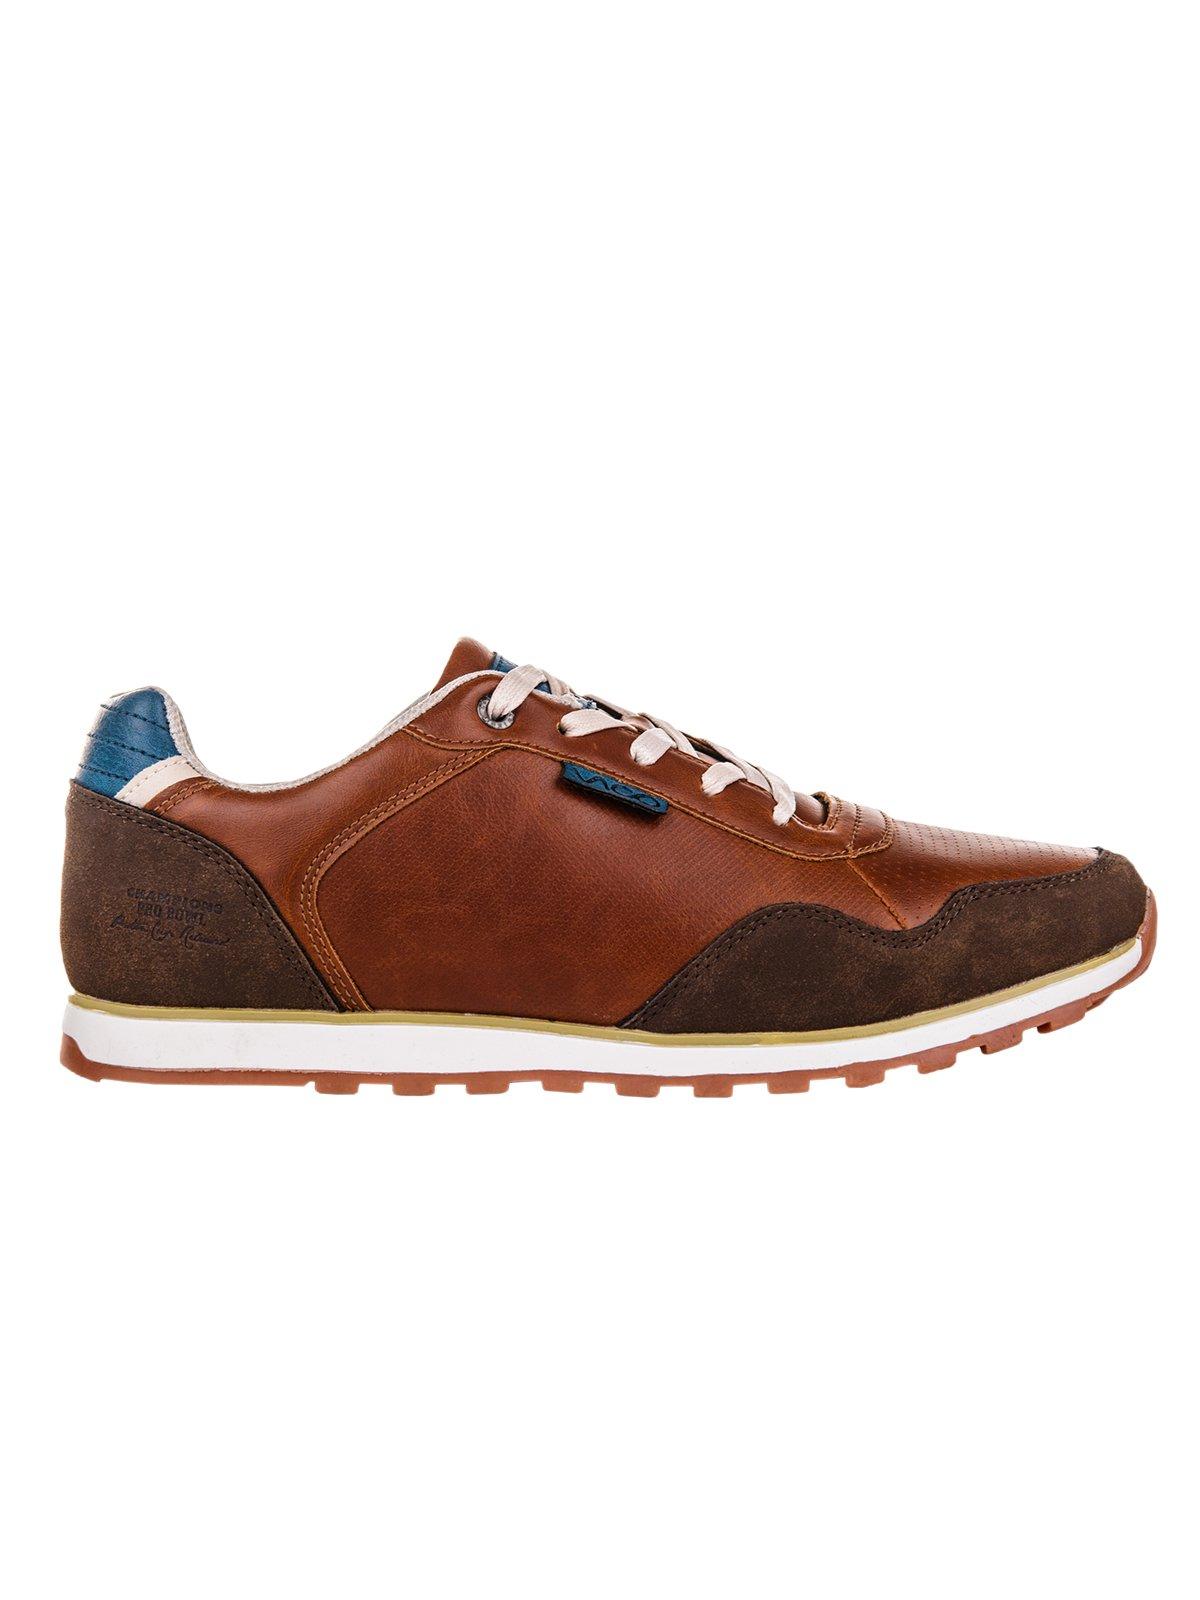 Buty MĘskie Sportowe Sneakersy T073 - BrĄzowe